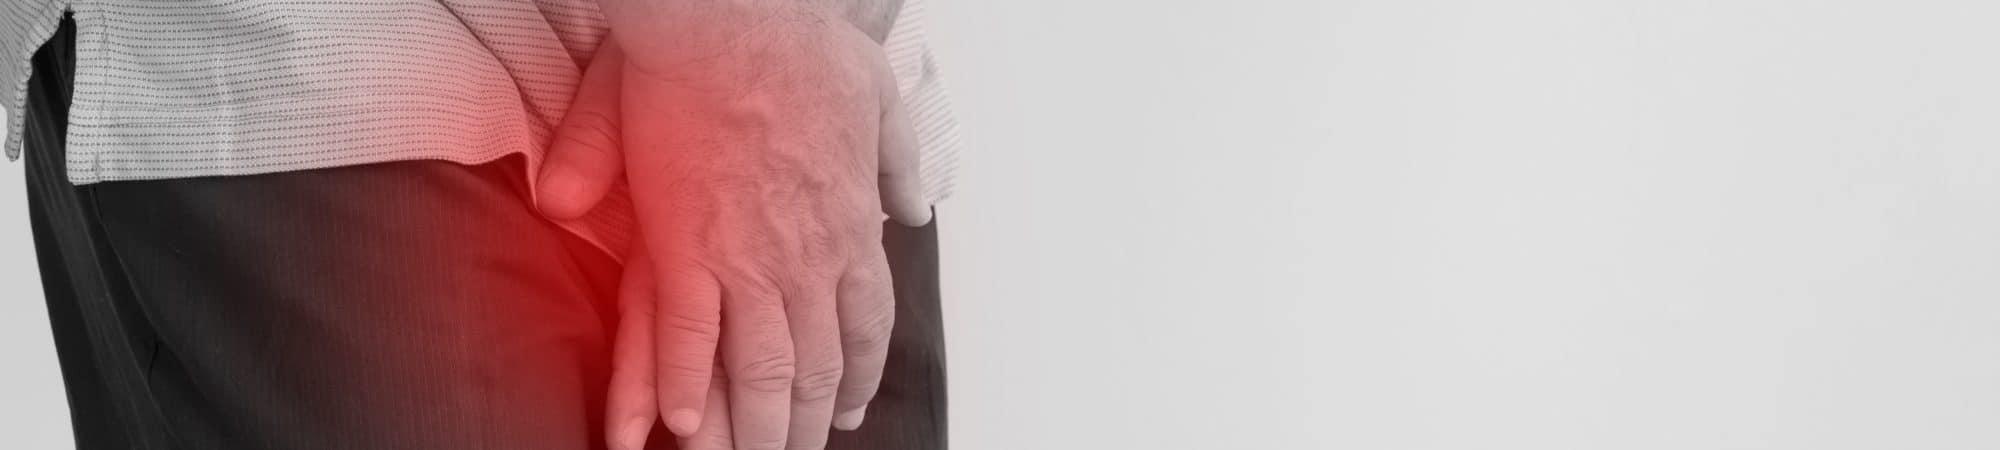 Cancer-de-prostata-2000x450